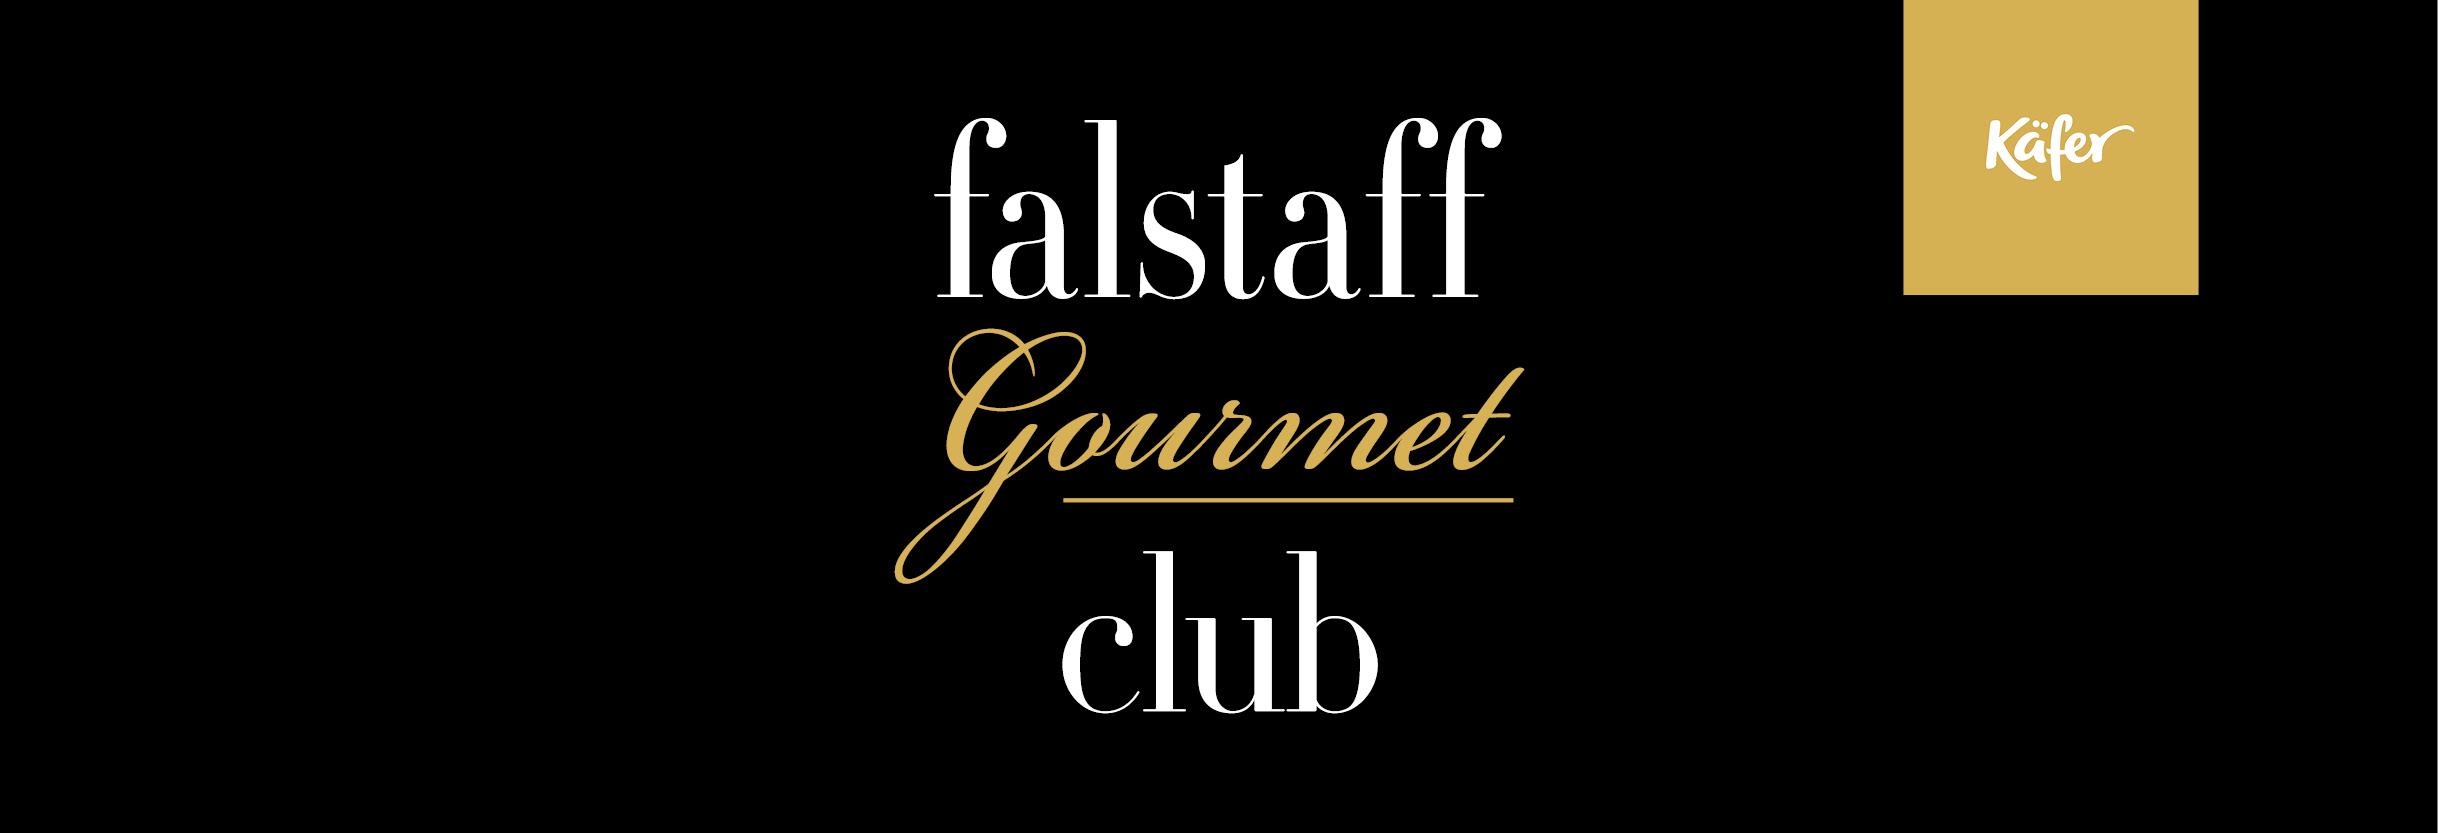 Werden Sie mit Käfer exklusives Mitglied im Falstaff Gourmet Club